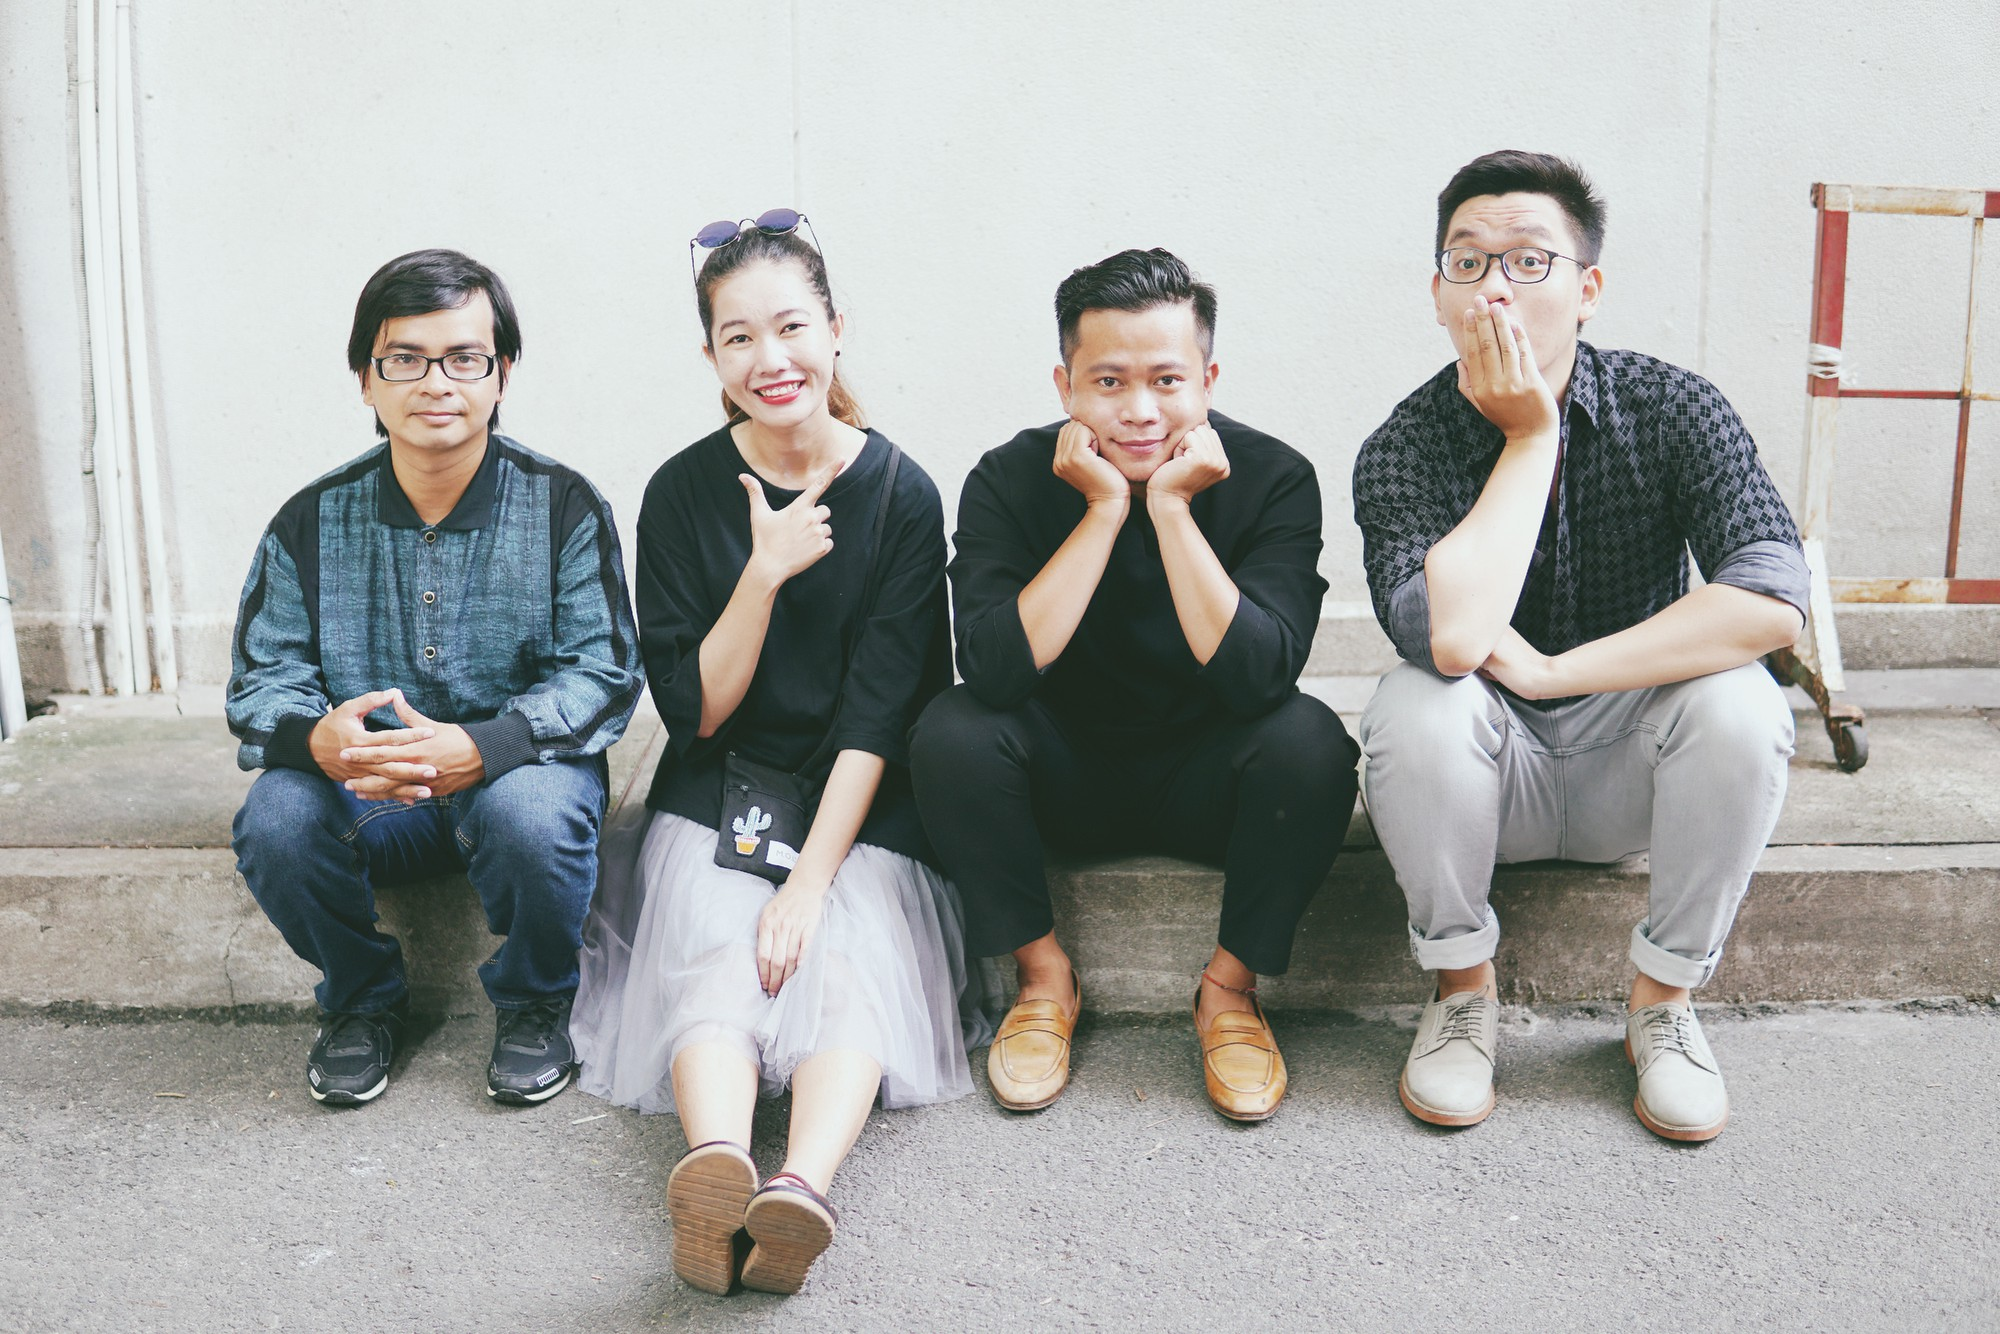 Hình ảnh: Gặp nhóm chiến thắng 1 tỷ đồng cuộc thi làm phim của Vingroup: 'Chúng tôi muốn đưa phim hoạt hình Việt ra thế giới' số 7